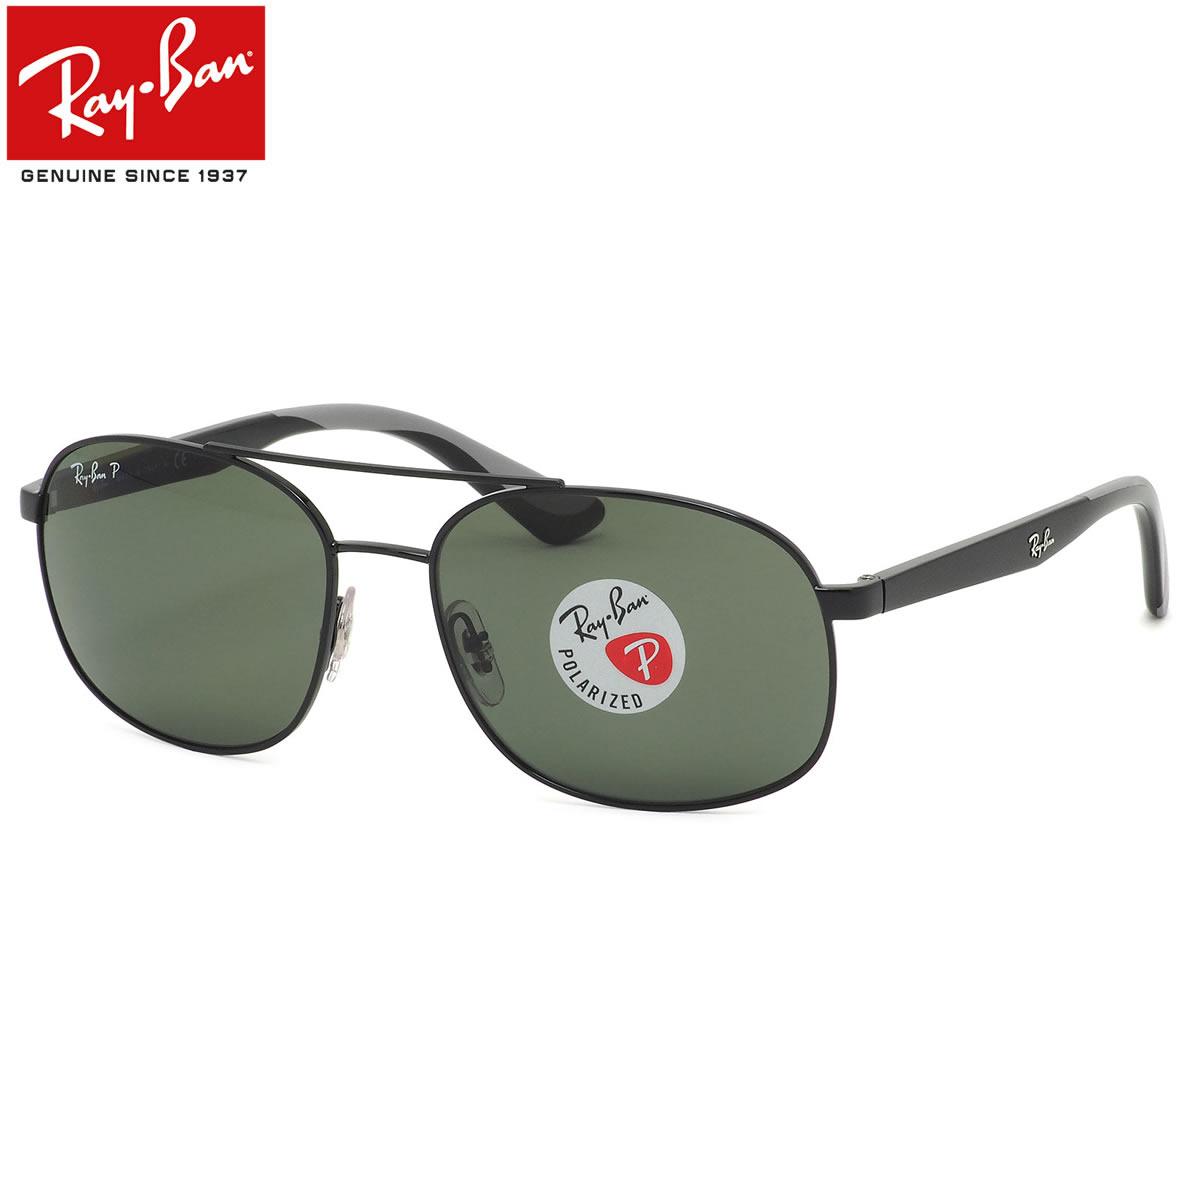 Ray-Ban レイバン サングラス RB3593 002/9A 58サイズ ダブルブリッジ ツーブリッジ ラバー コンビネーション ブラック 偏光 ポラライズド メンズ レディース